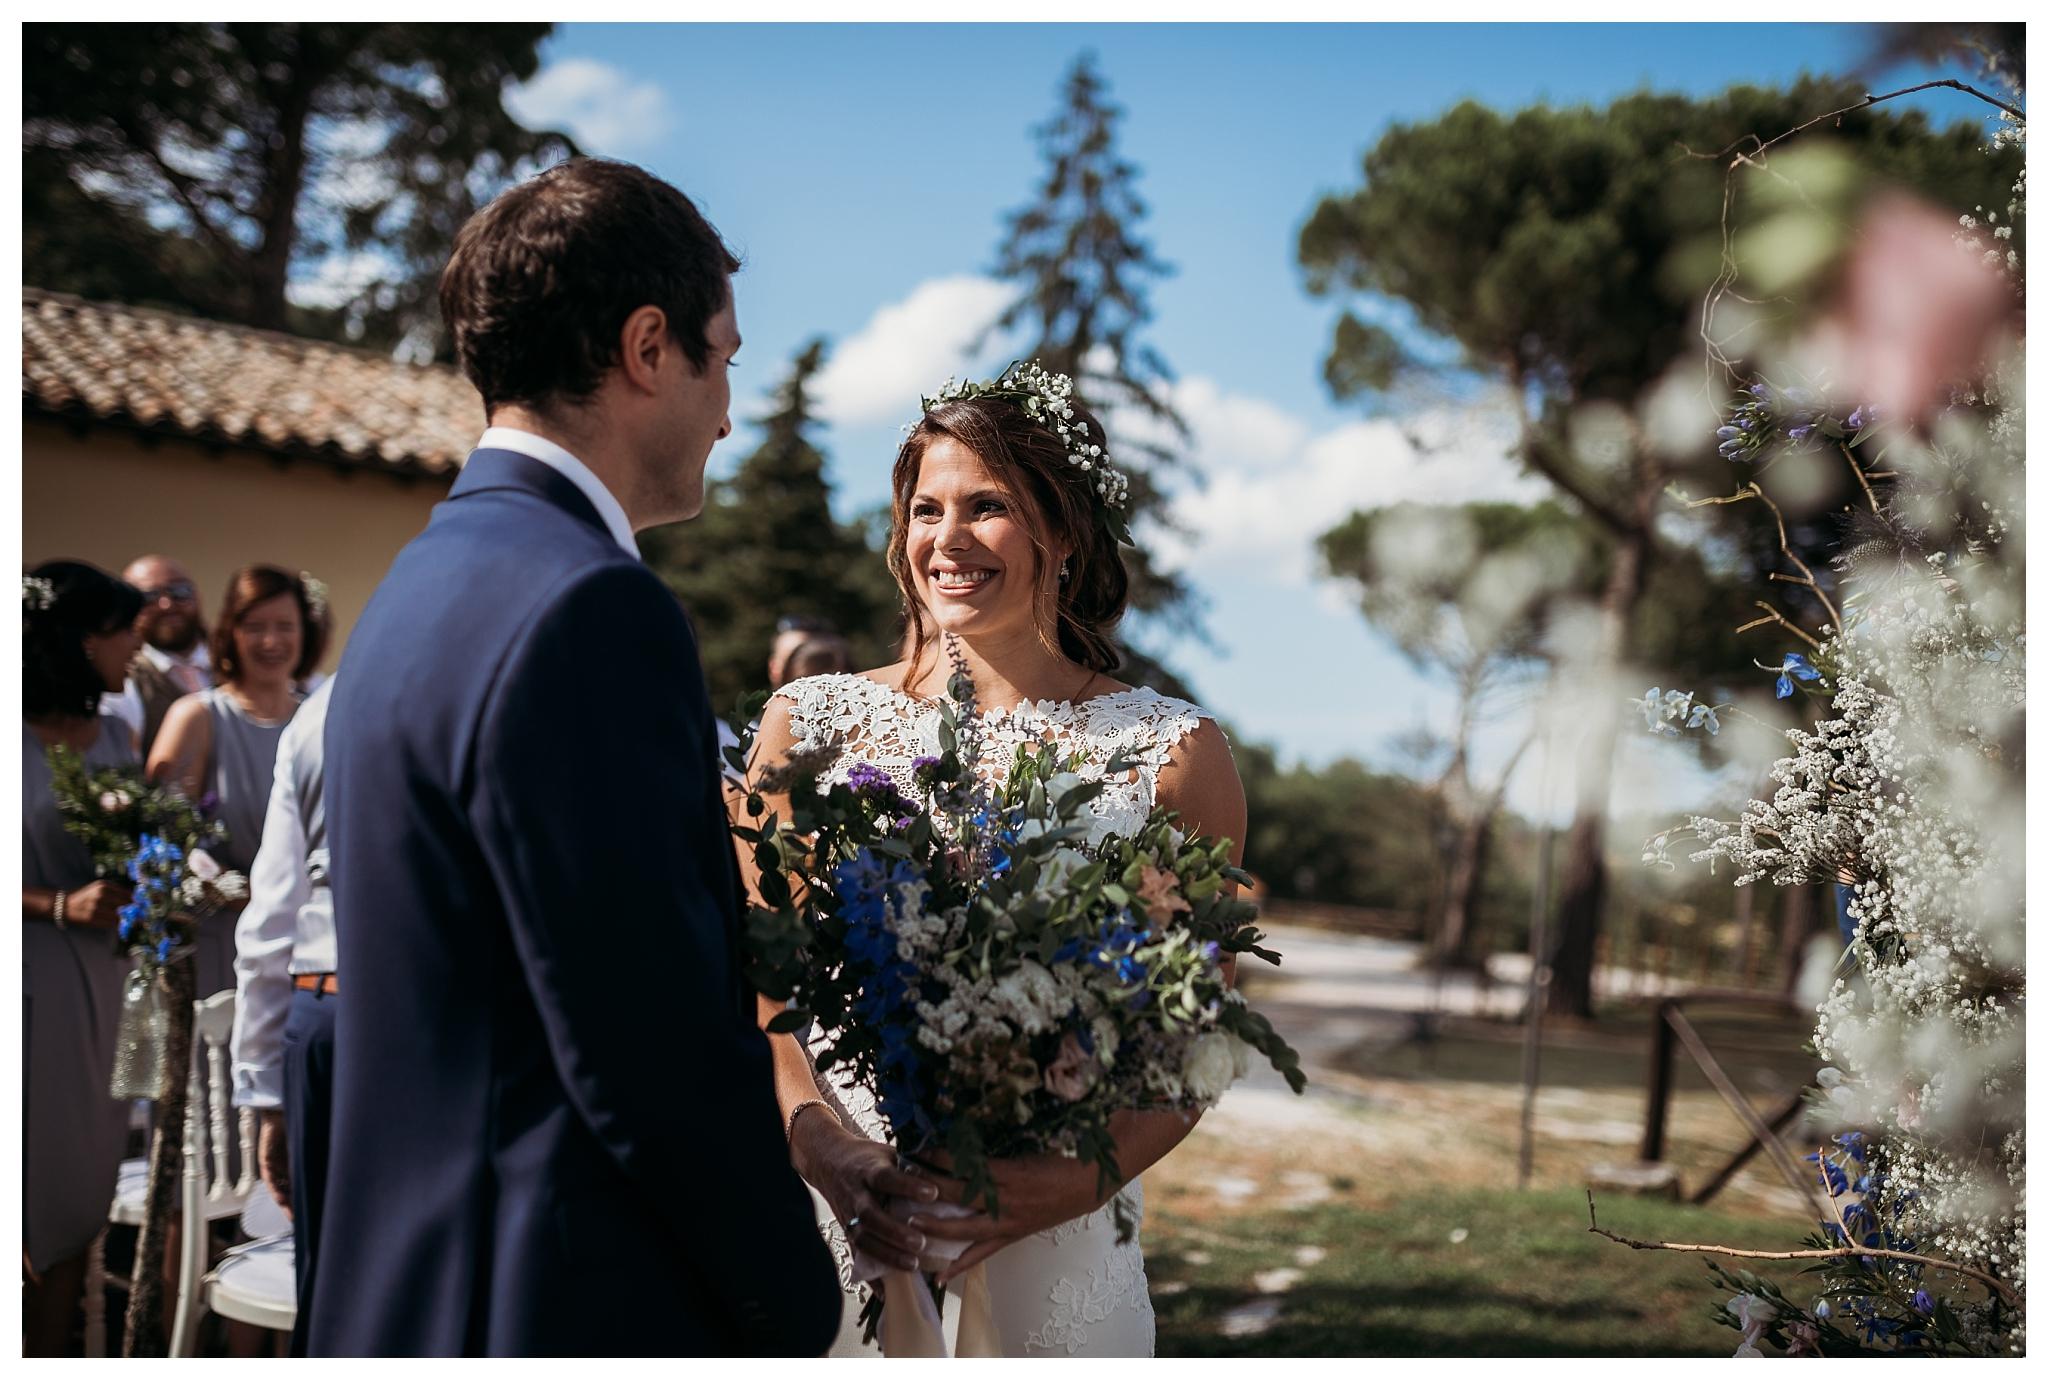 Bride arrives to the ceremony at Tenuta di Casa Bruciata